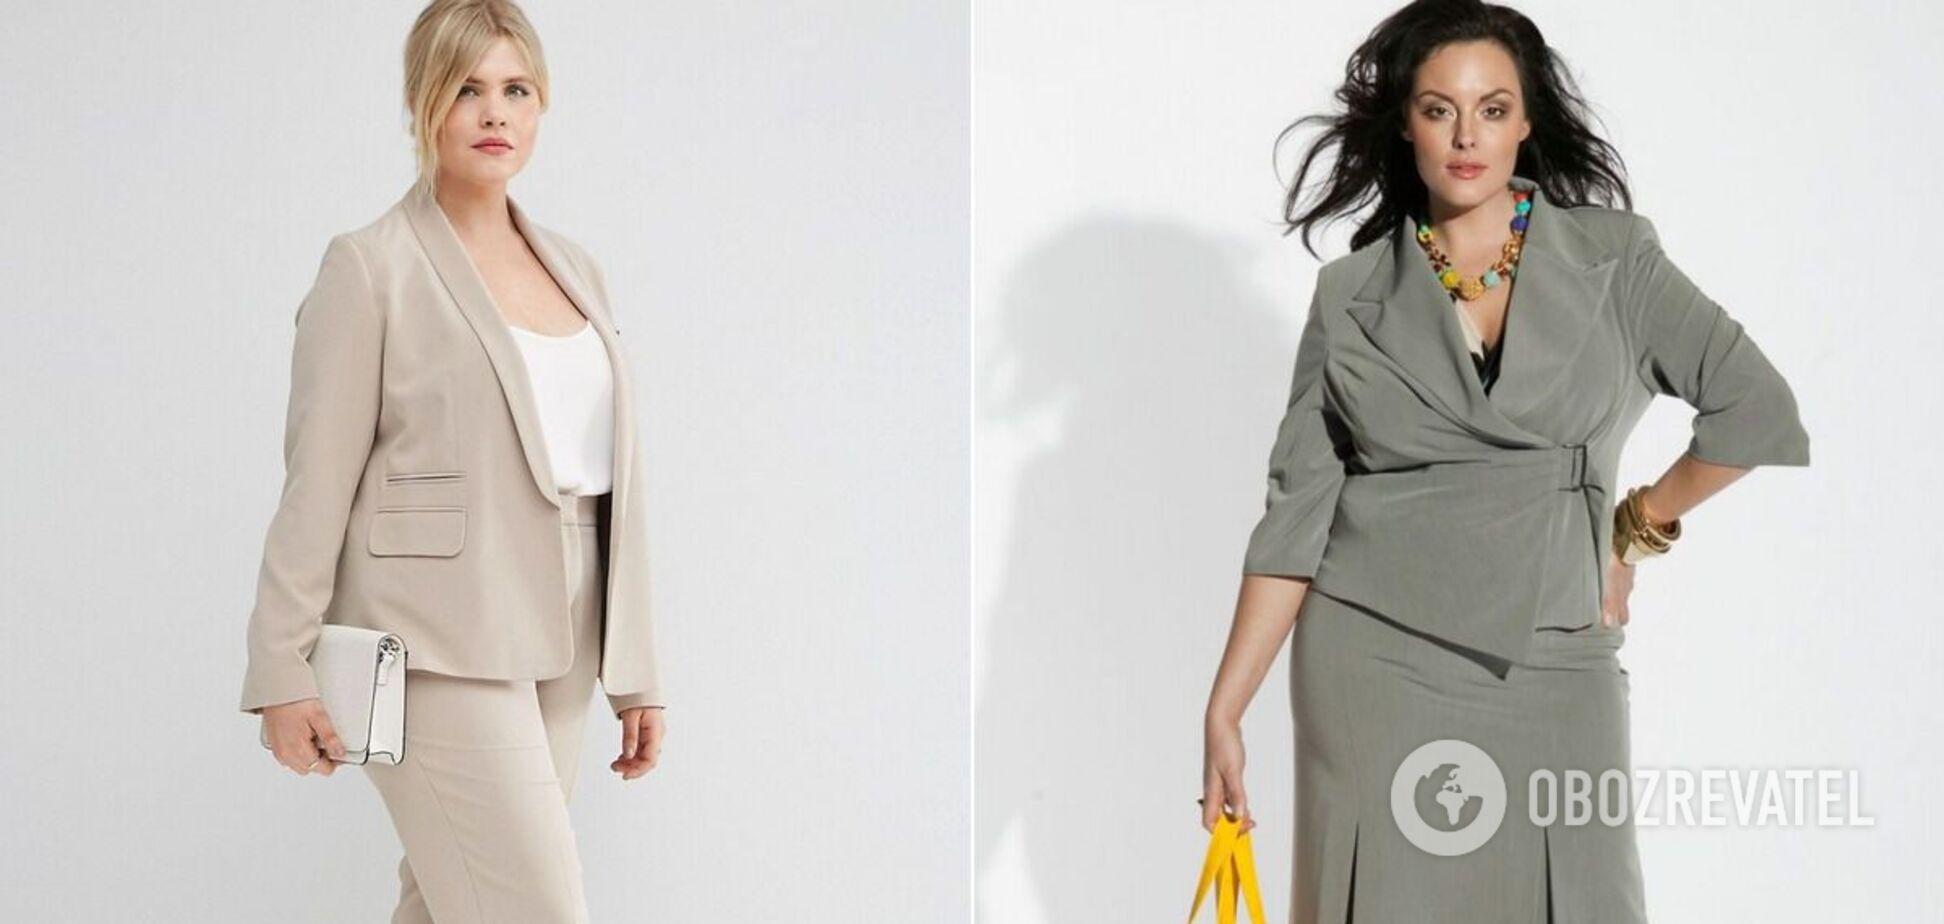 Мода 2020: какие брючные костюмы подойдут полным женщинам